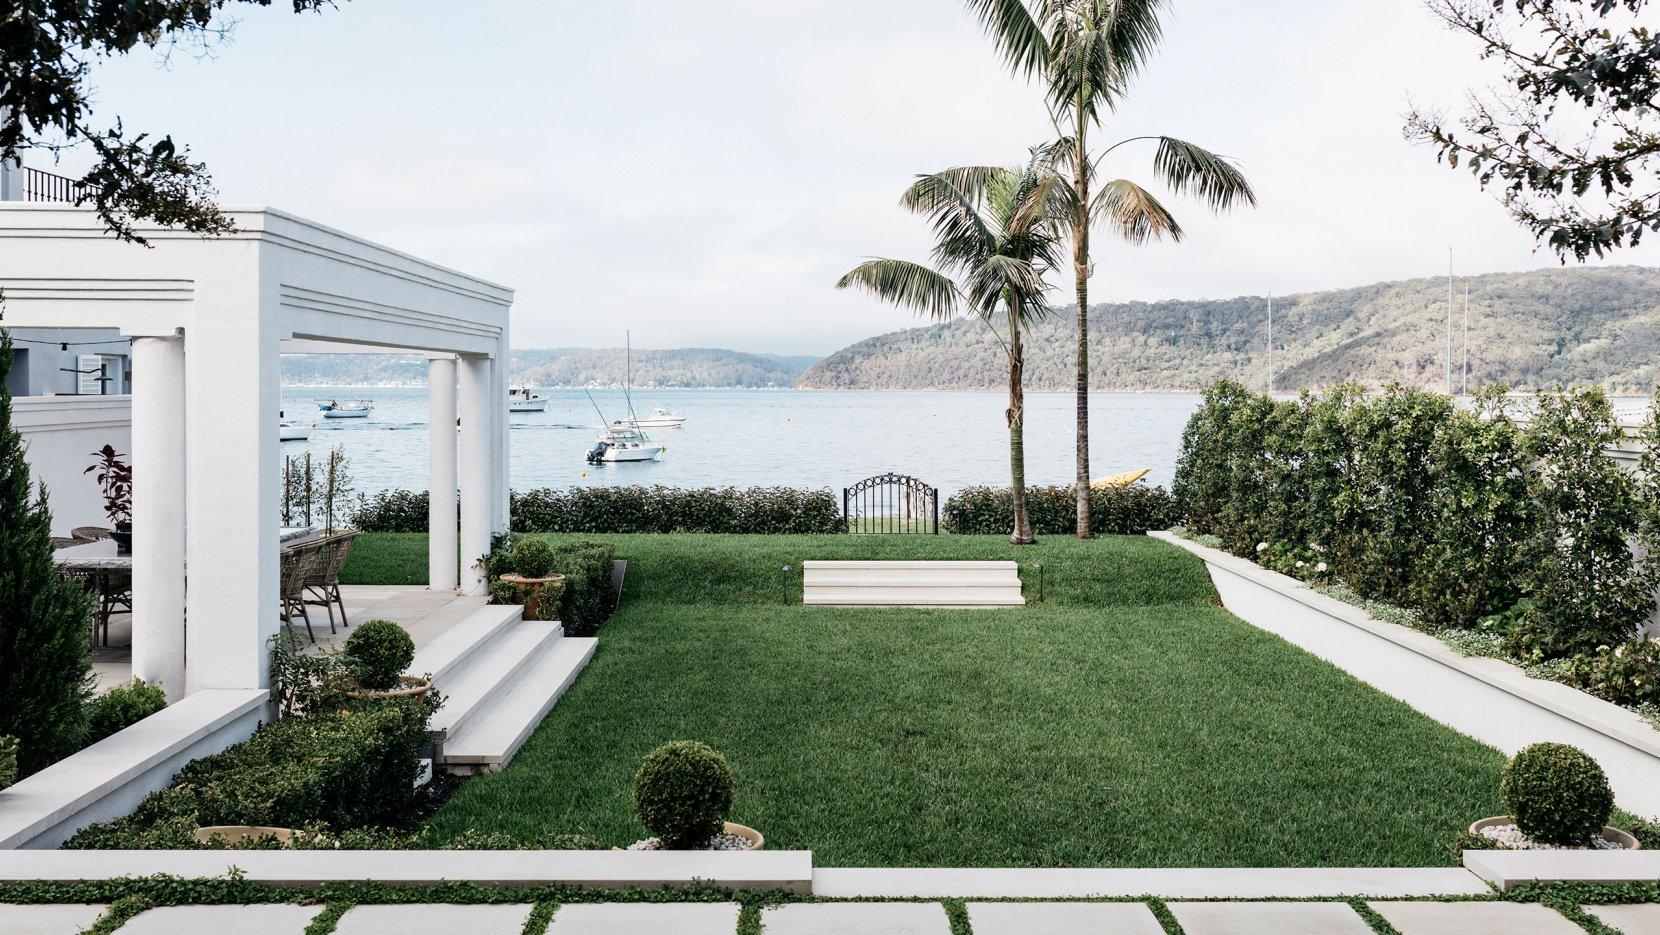 alexander-and-co-palm-beach-house-sydney-australia-7.jpg